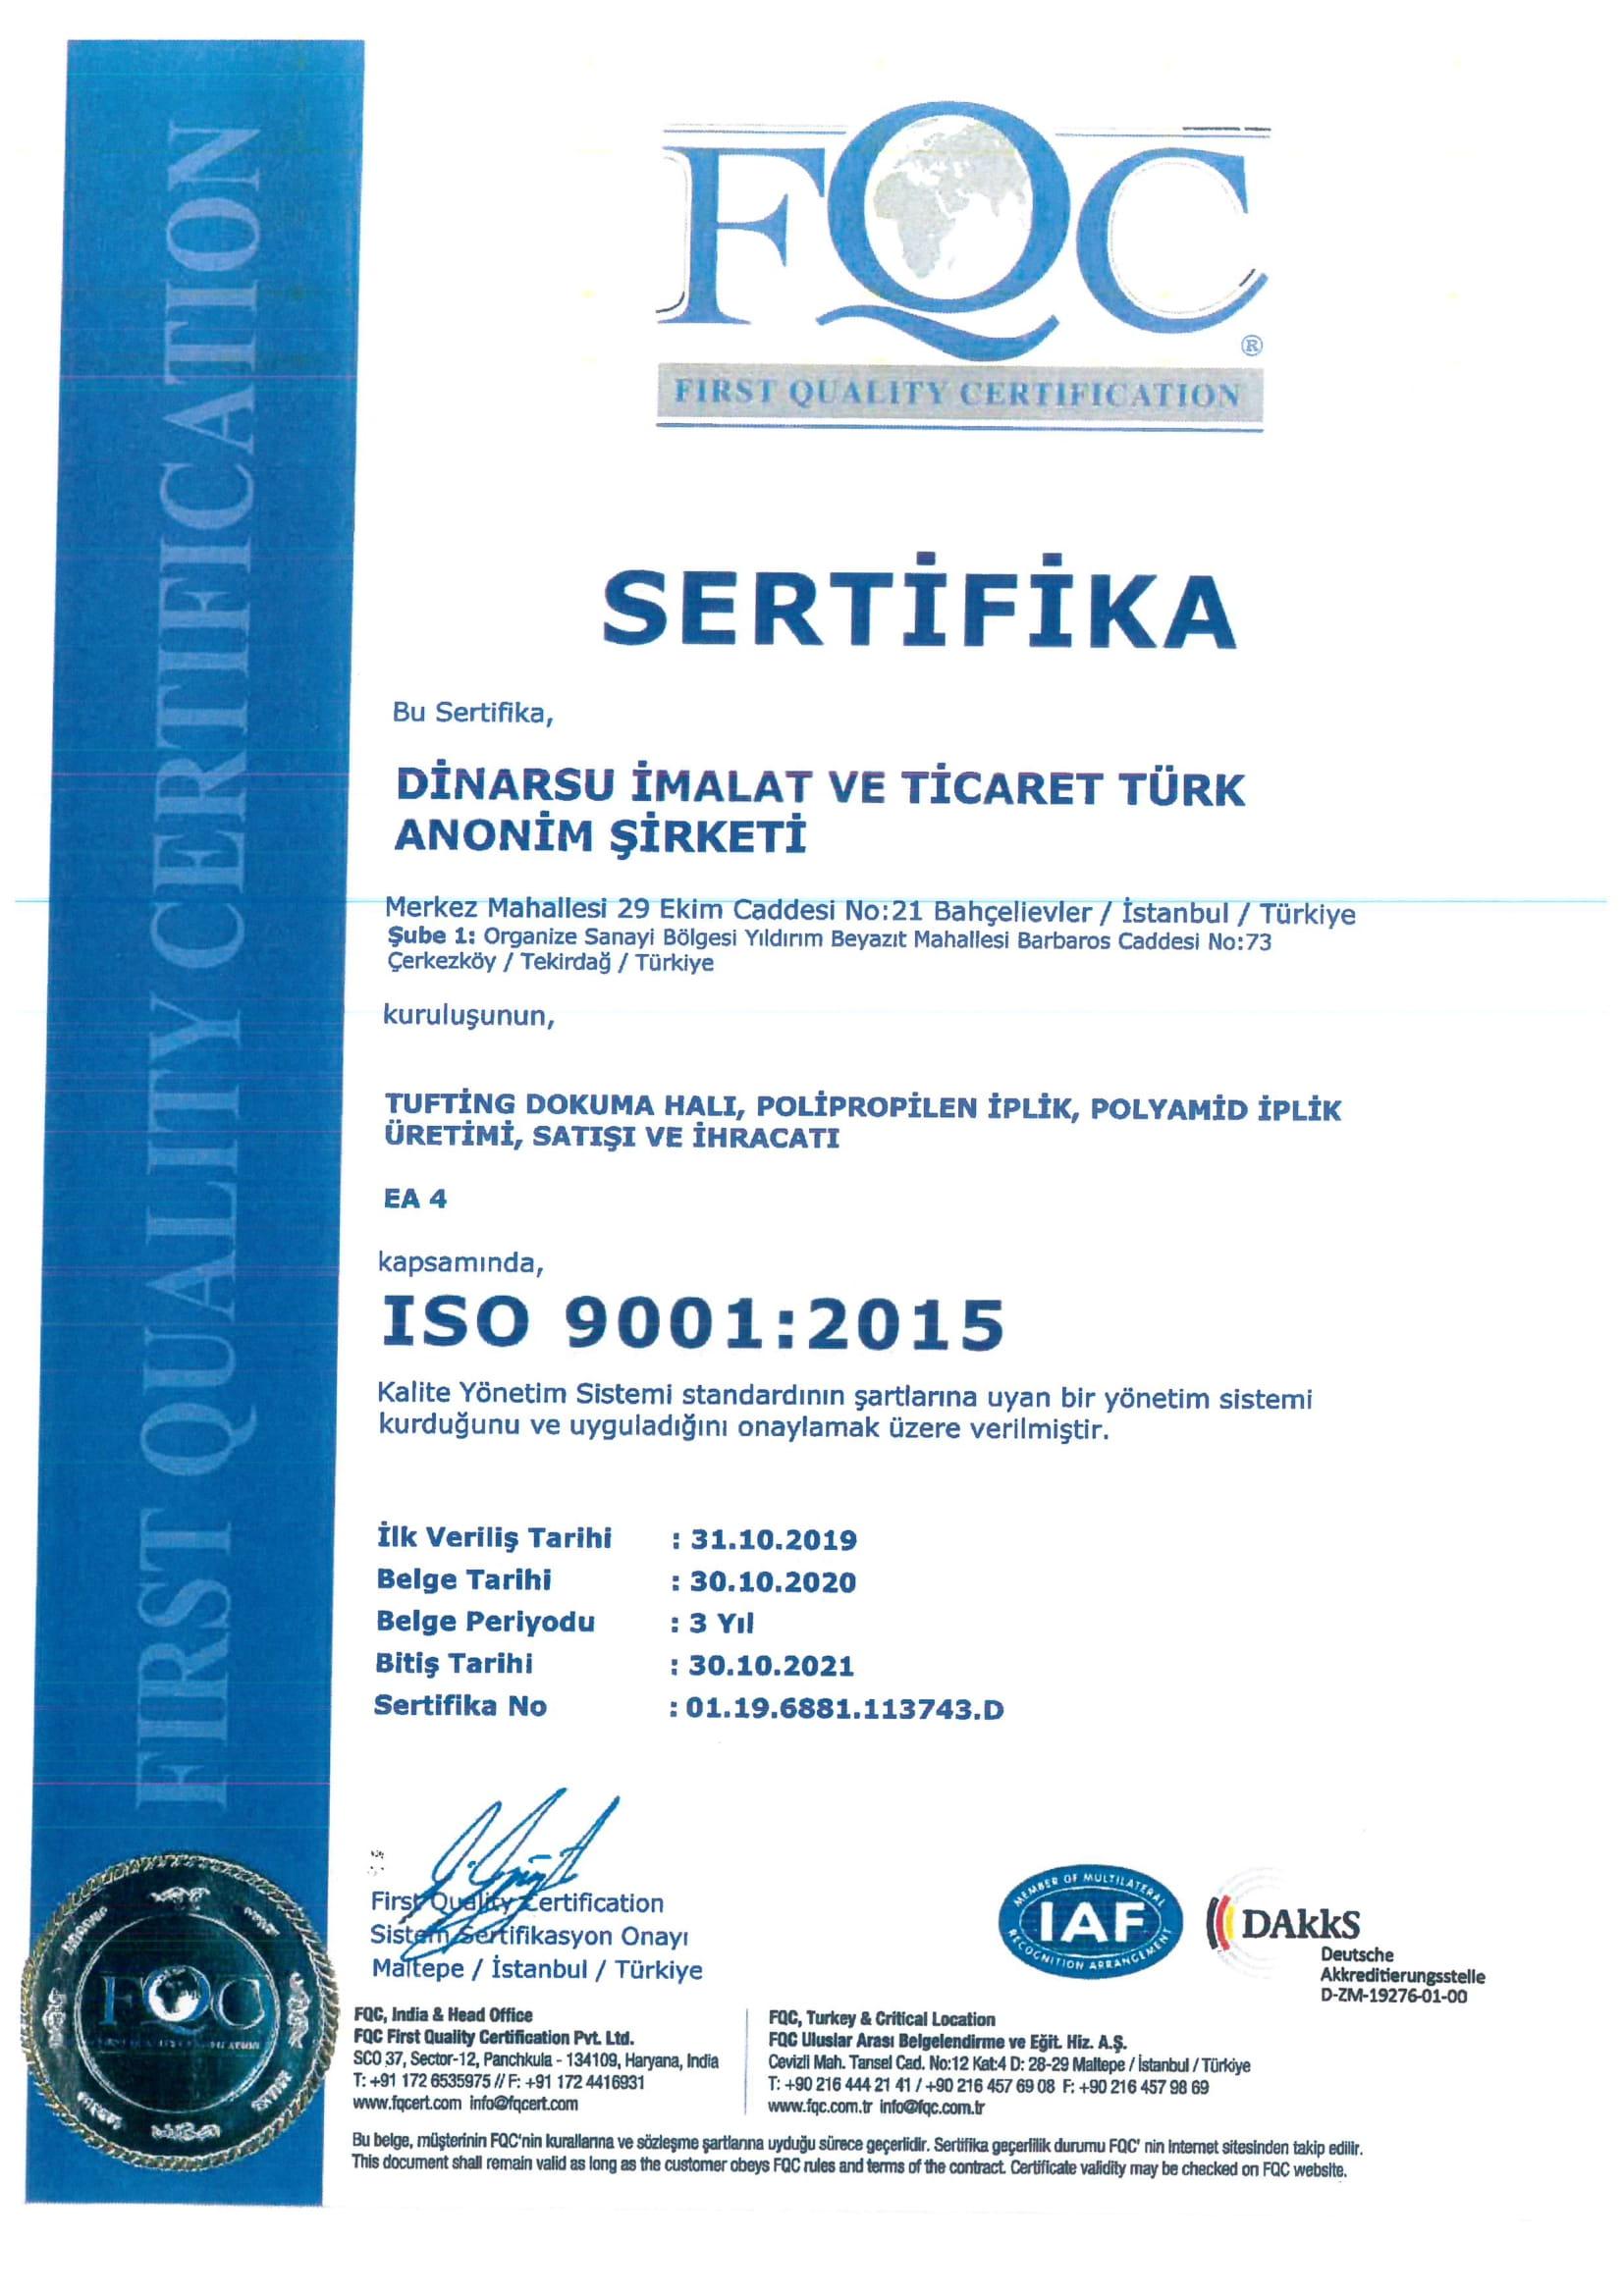 ISO 9001.2015 Sertifika 2021 – 1